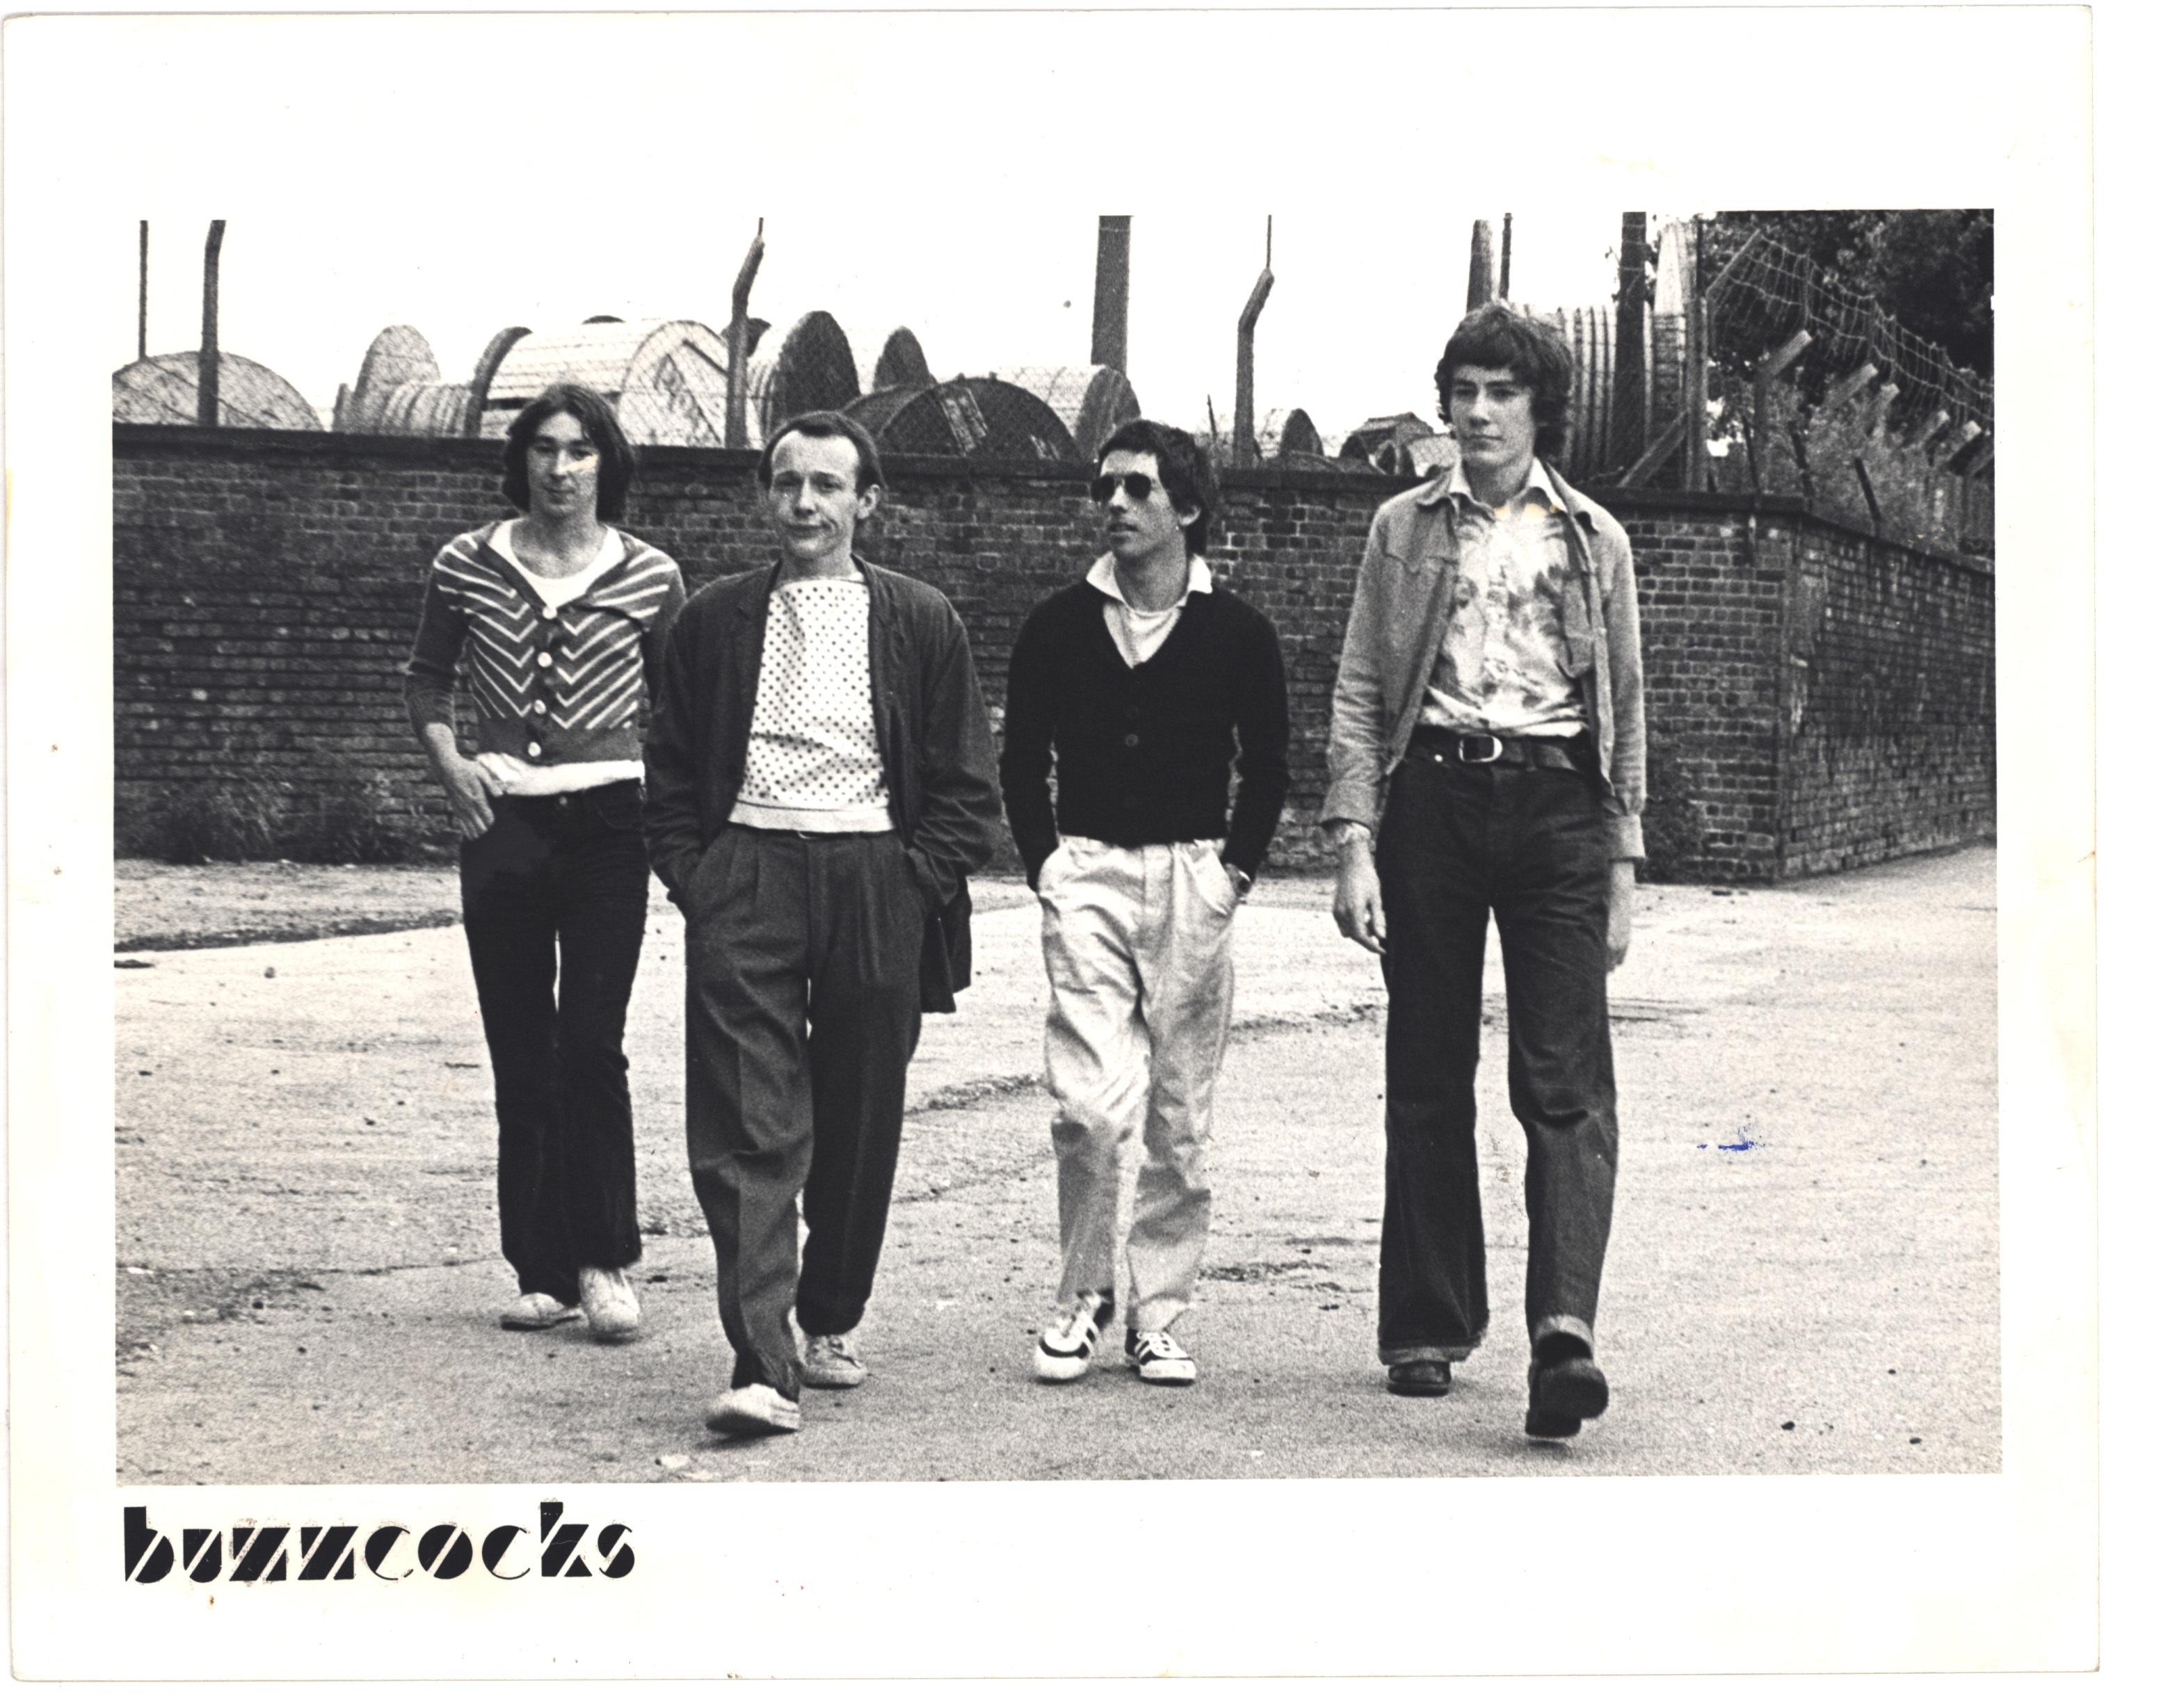 Resultado de imagen de buzzcocks 1976